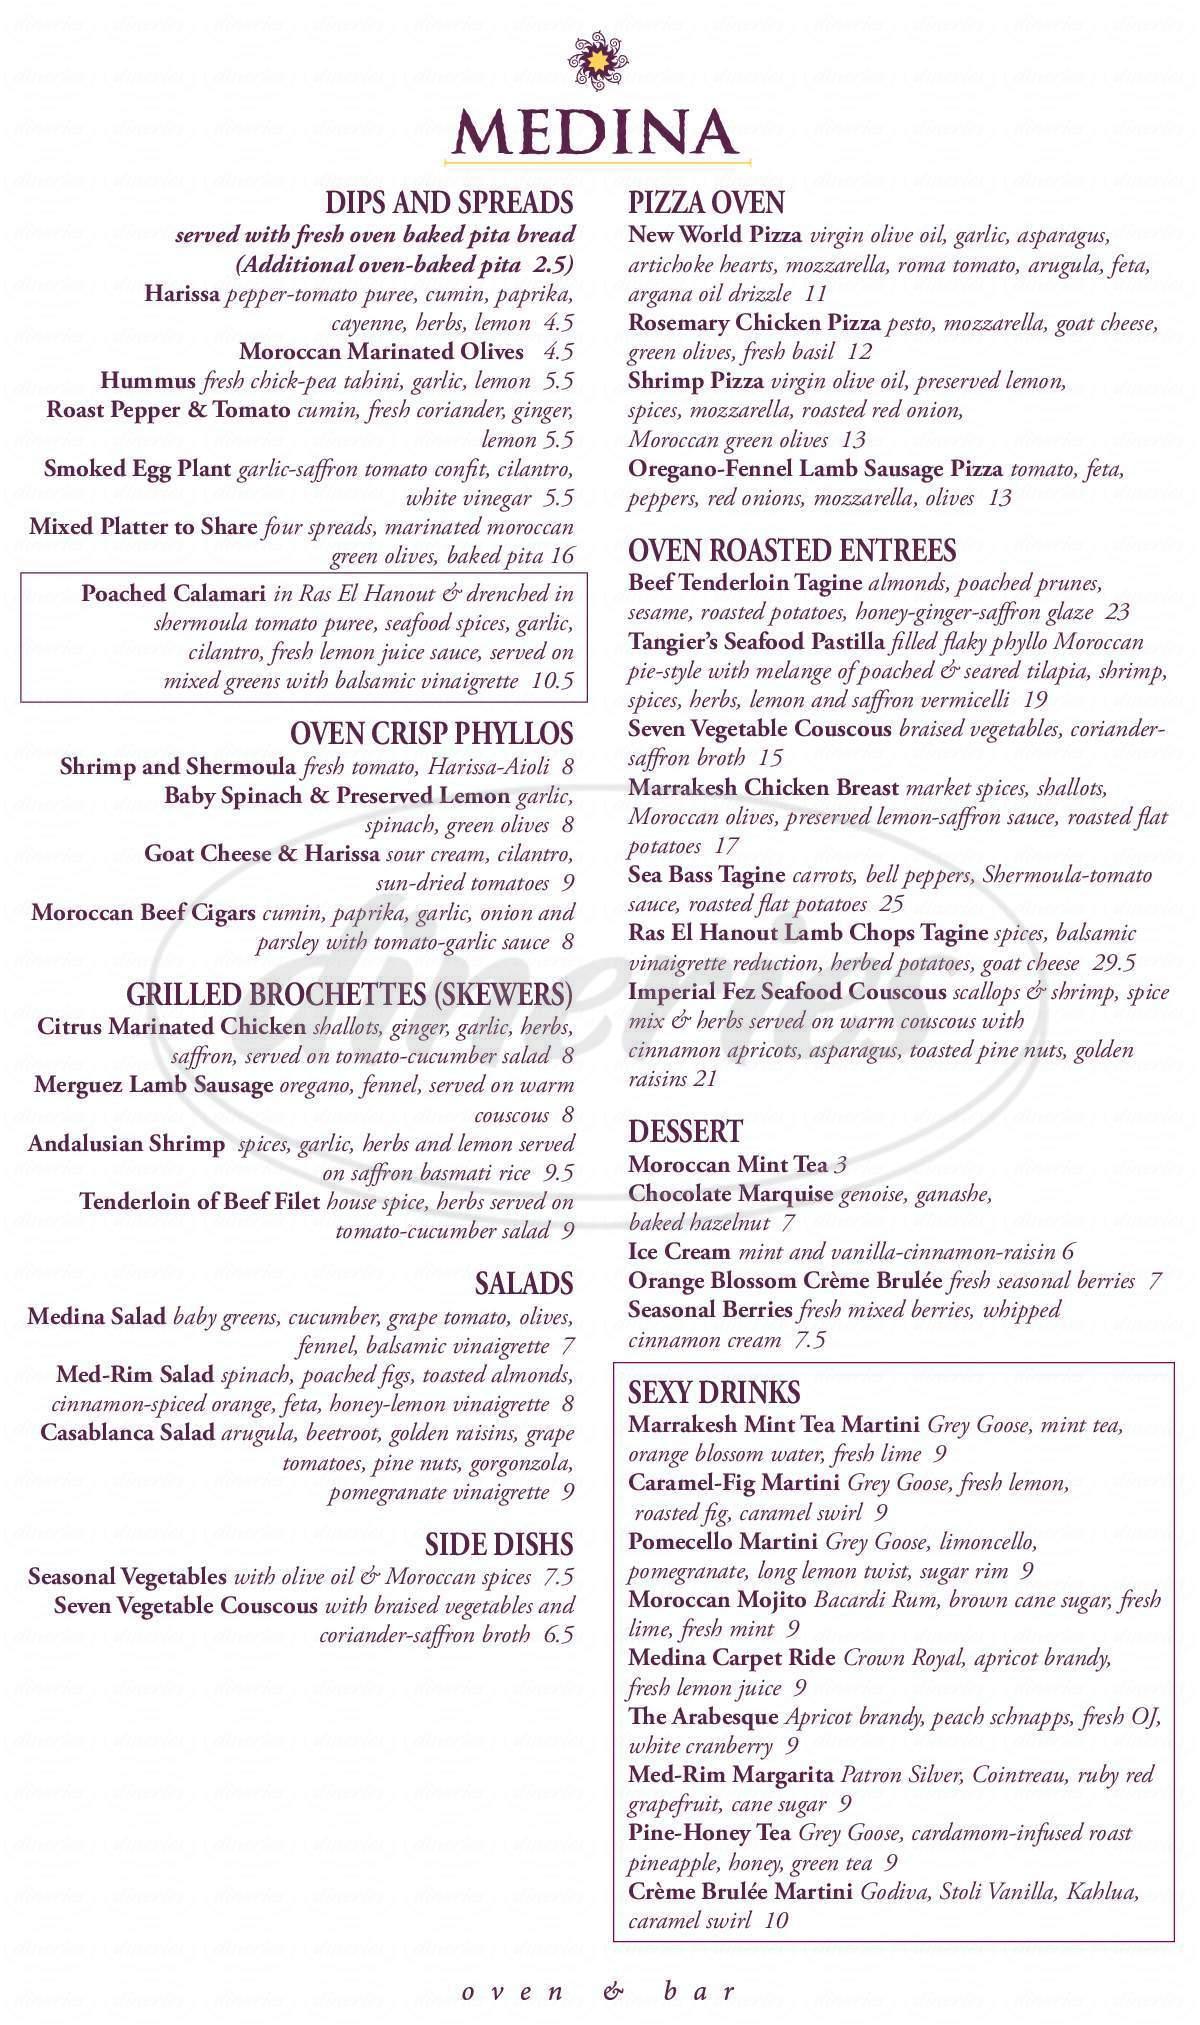 menu for Medina Oven & Bar